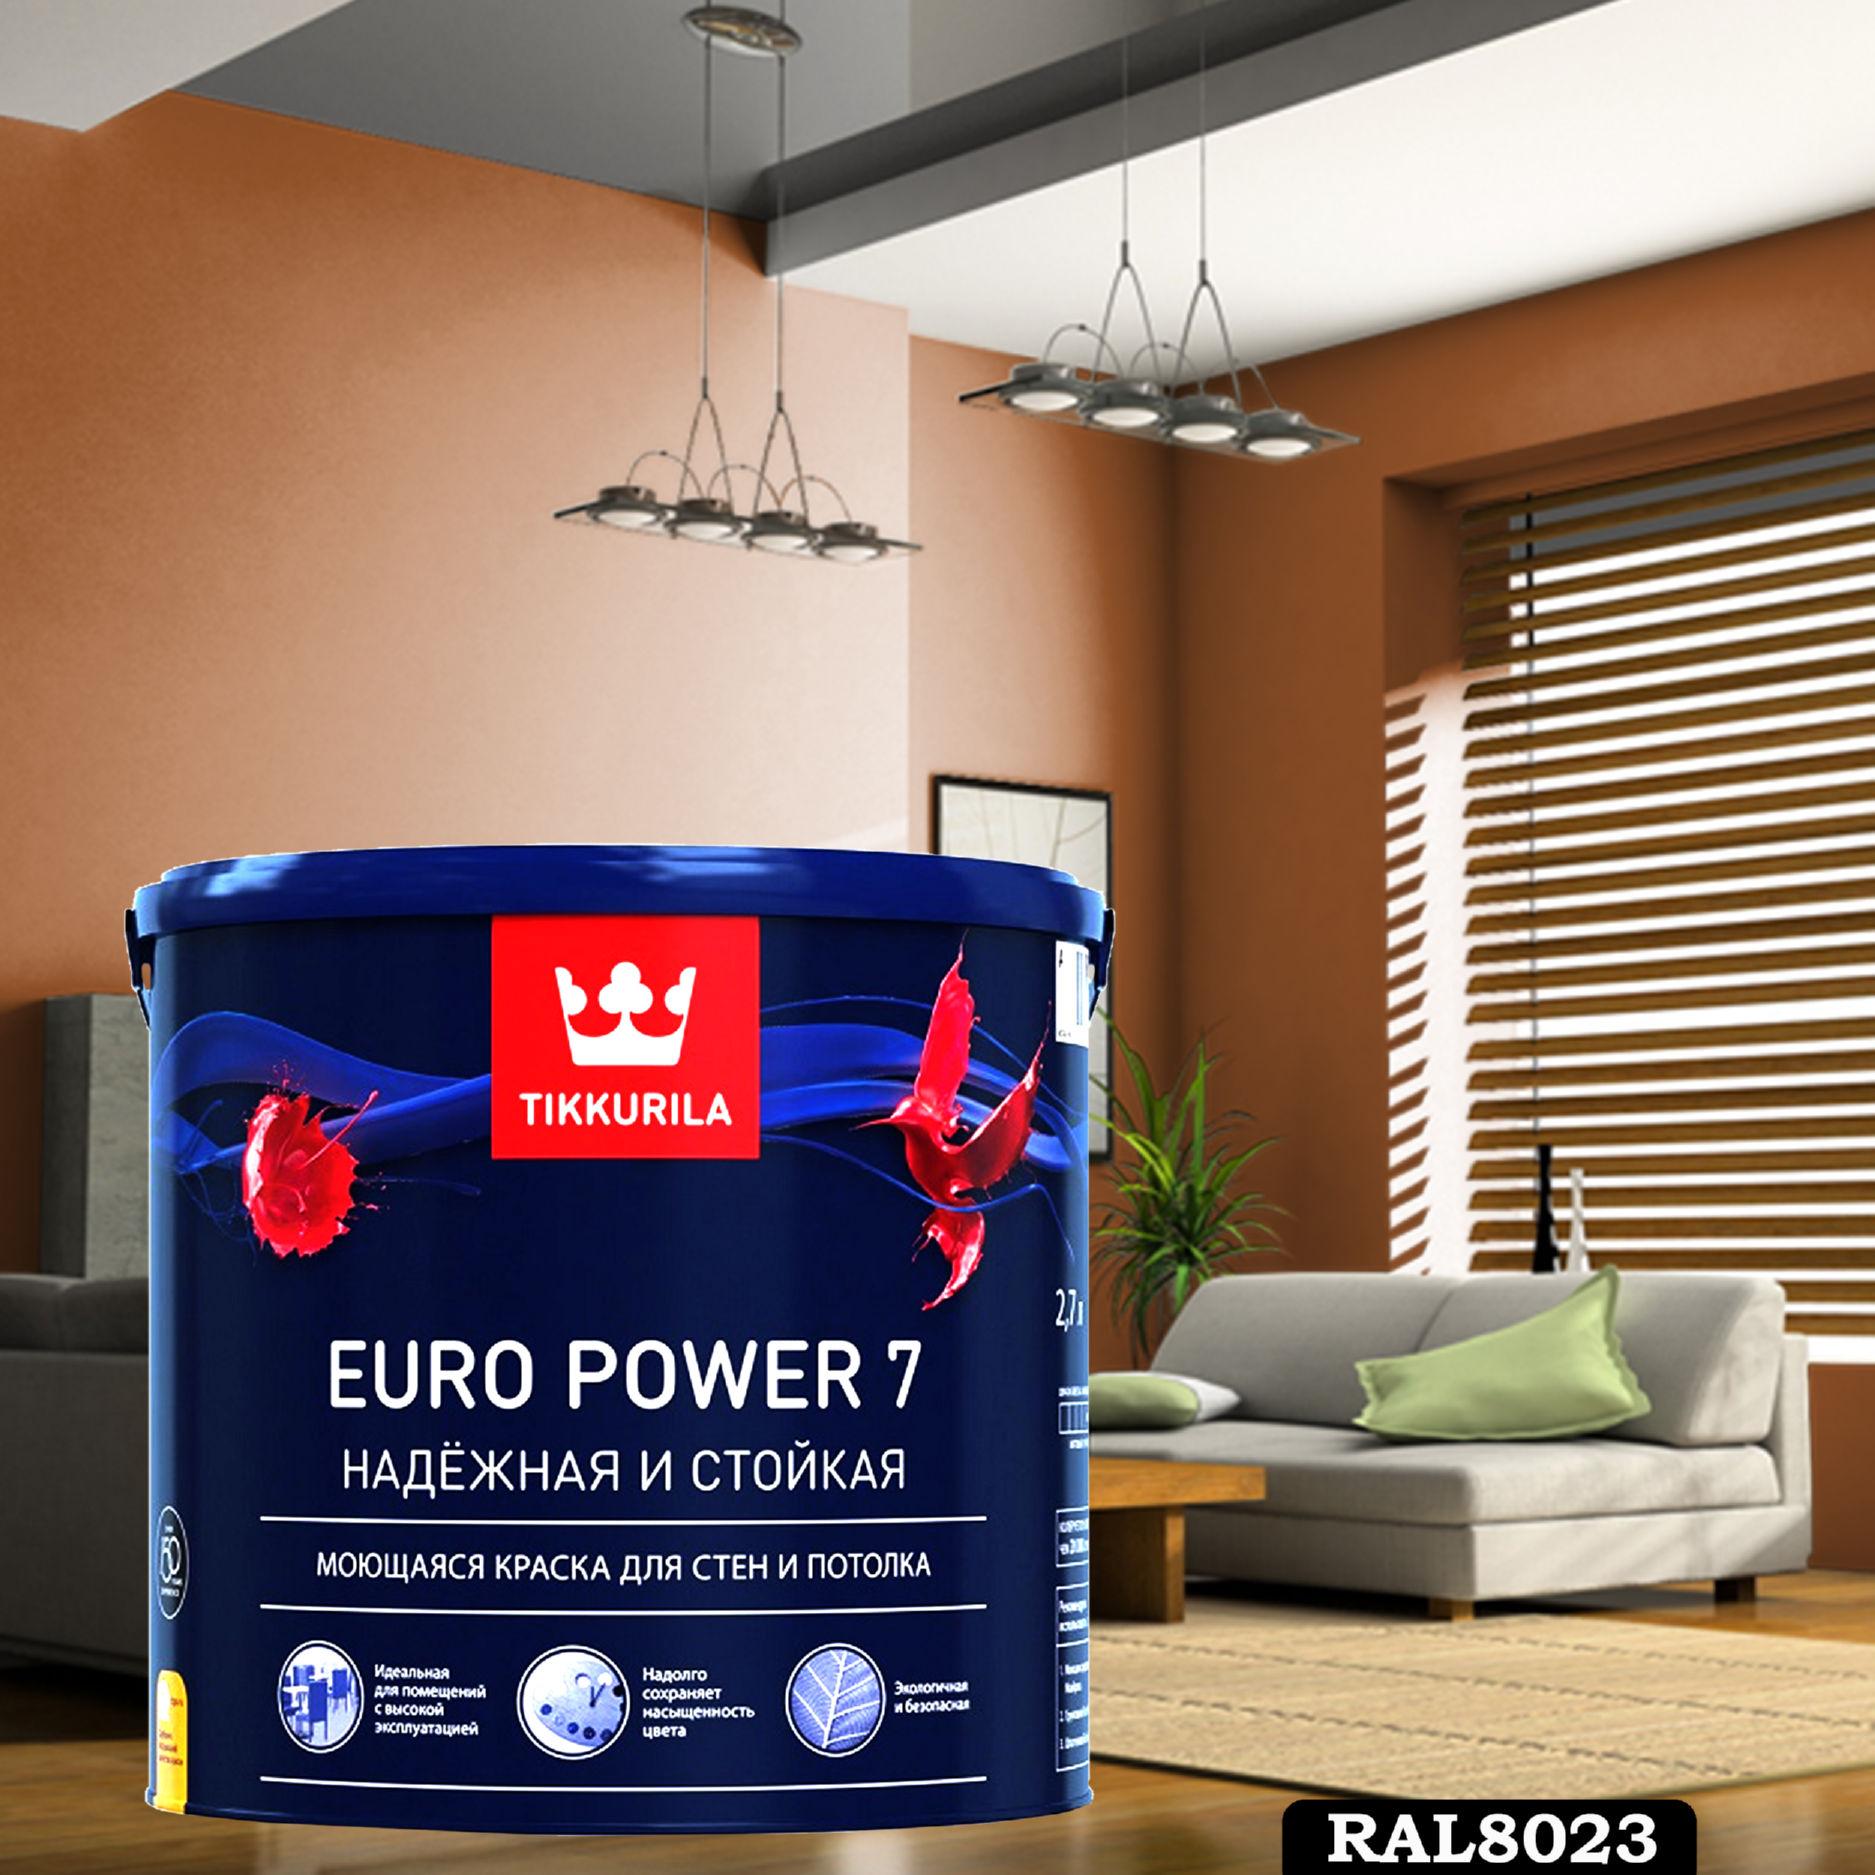 Фото 16 - Краска TIKKURILA Euro Power 7,  RAL 8023 Оранжево-коричневый, латексная моющаяся матовая интерьерная, 9 л.